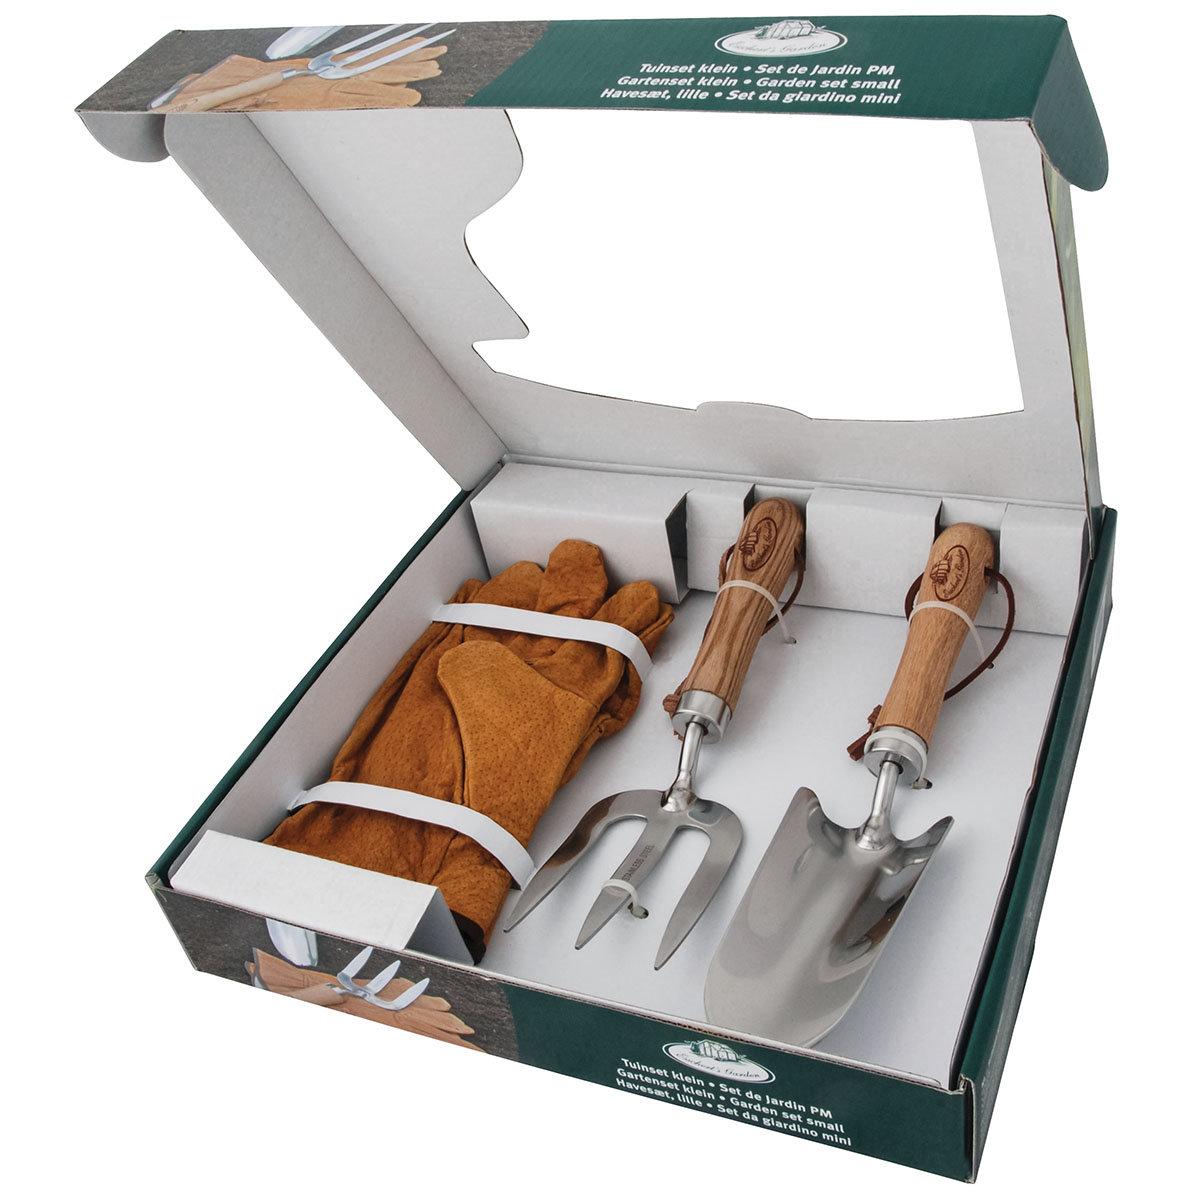 Gartenwerkzeug-Set, Hobbygärtner, Eschenholzstiel, Edelstahl, mit Lederhandschuhen | #3